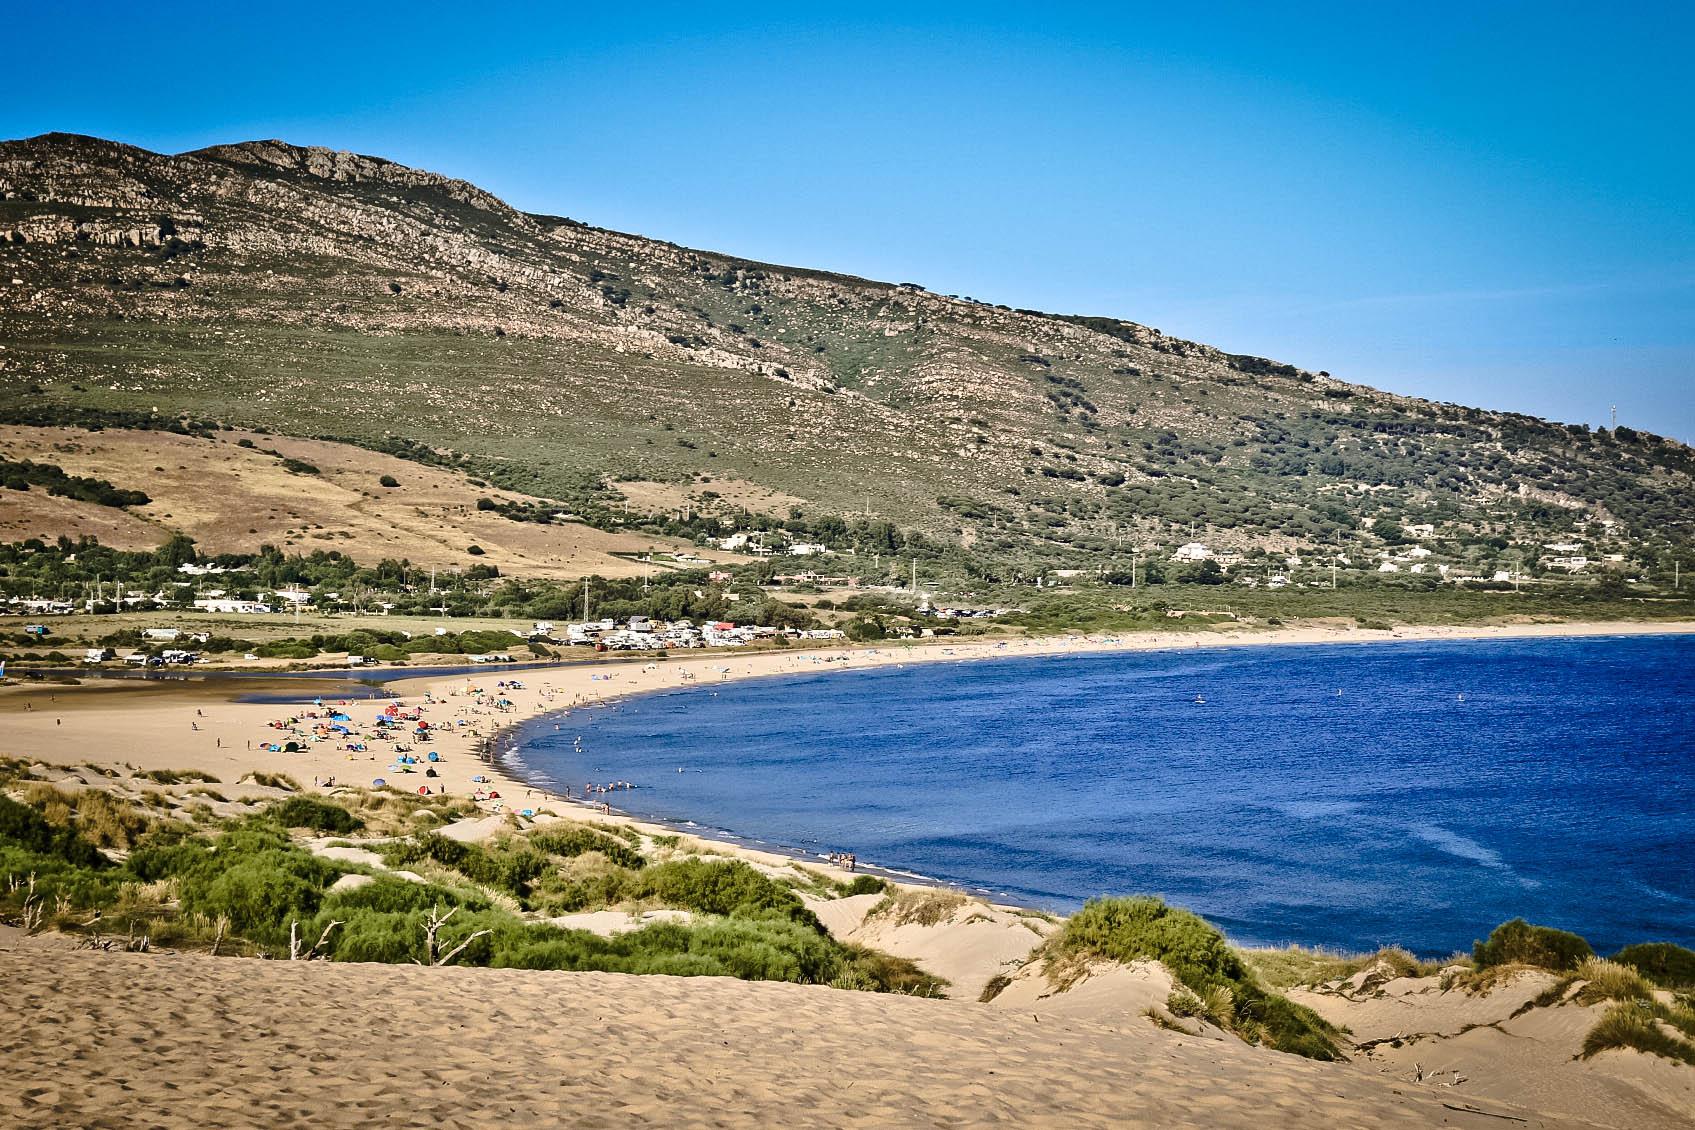 Playa de Punta Paloma, Tarifa